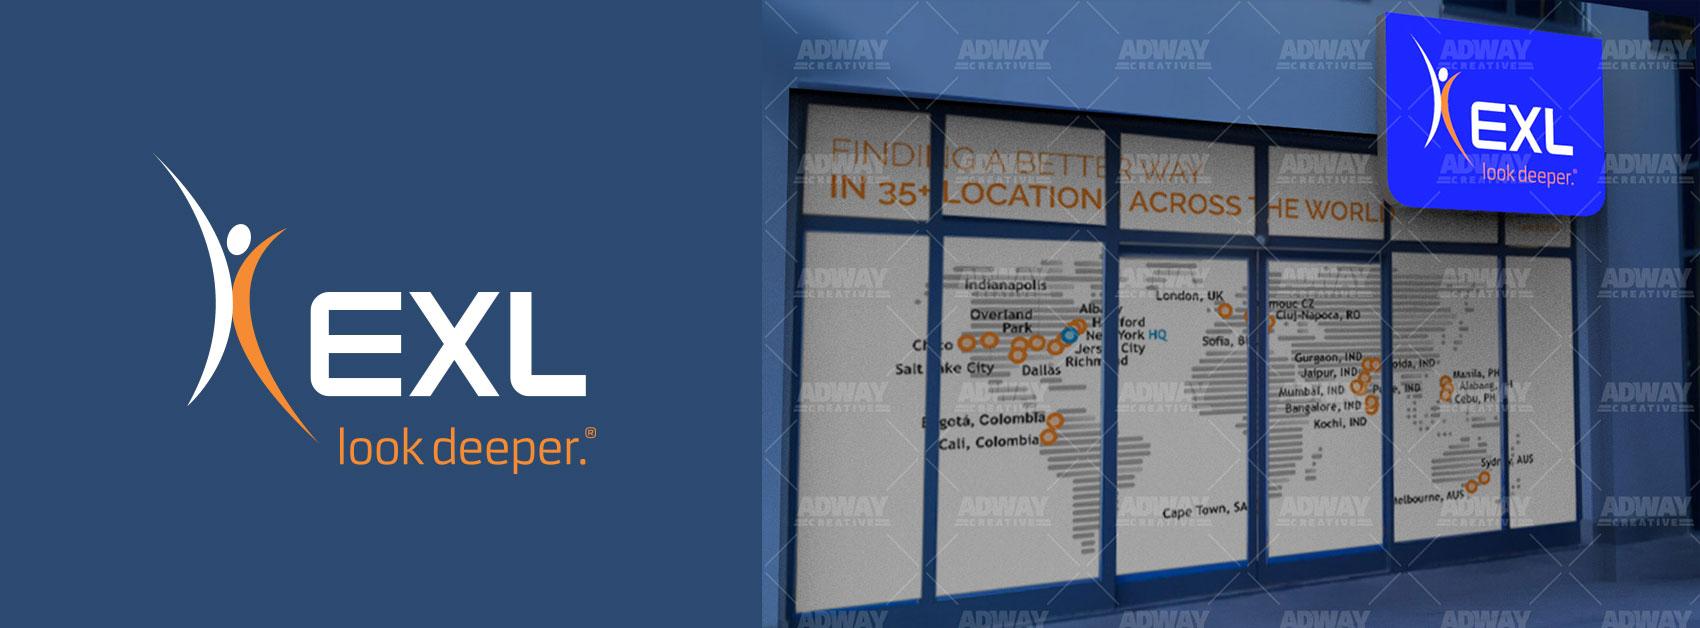 Облепване-на-витрини-и-изработка-на-светеща-табела-за-EXL-България